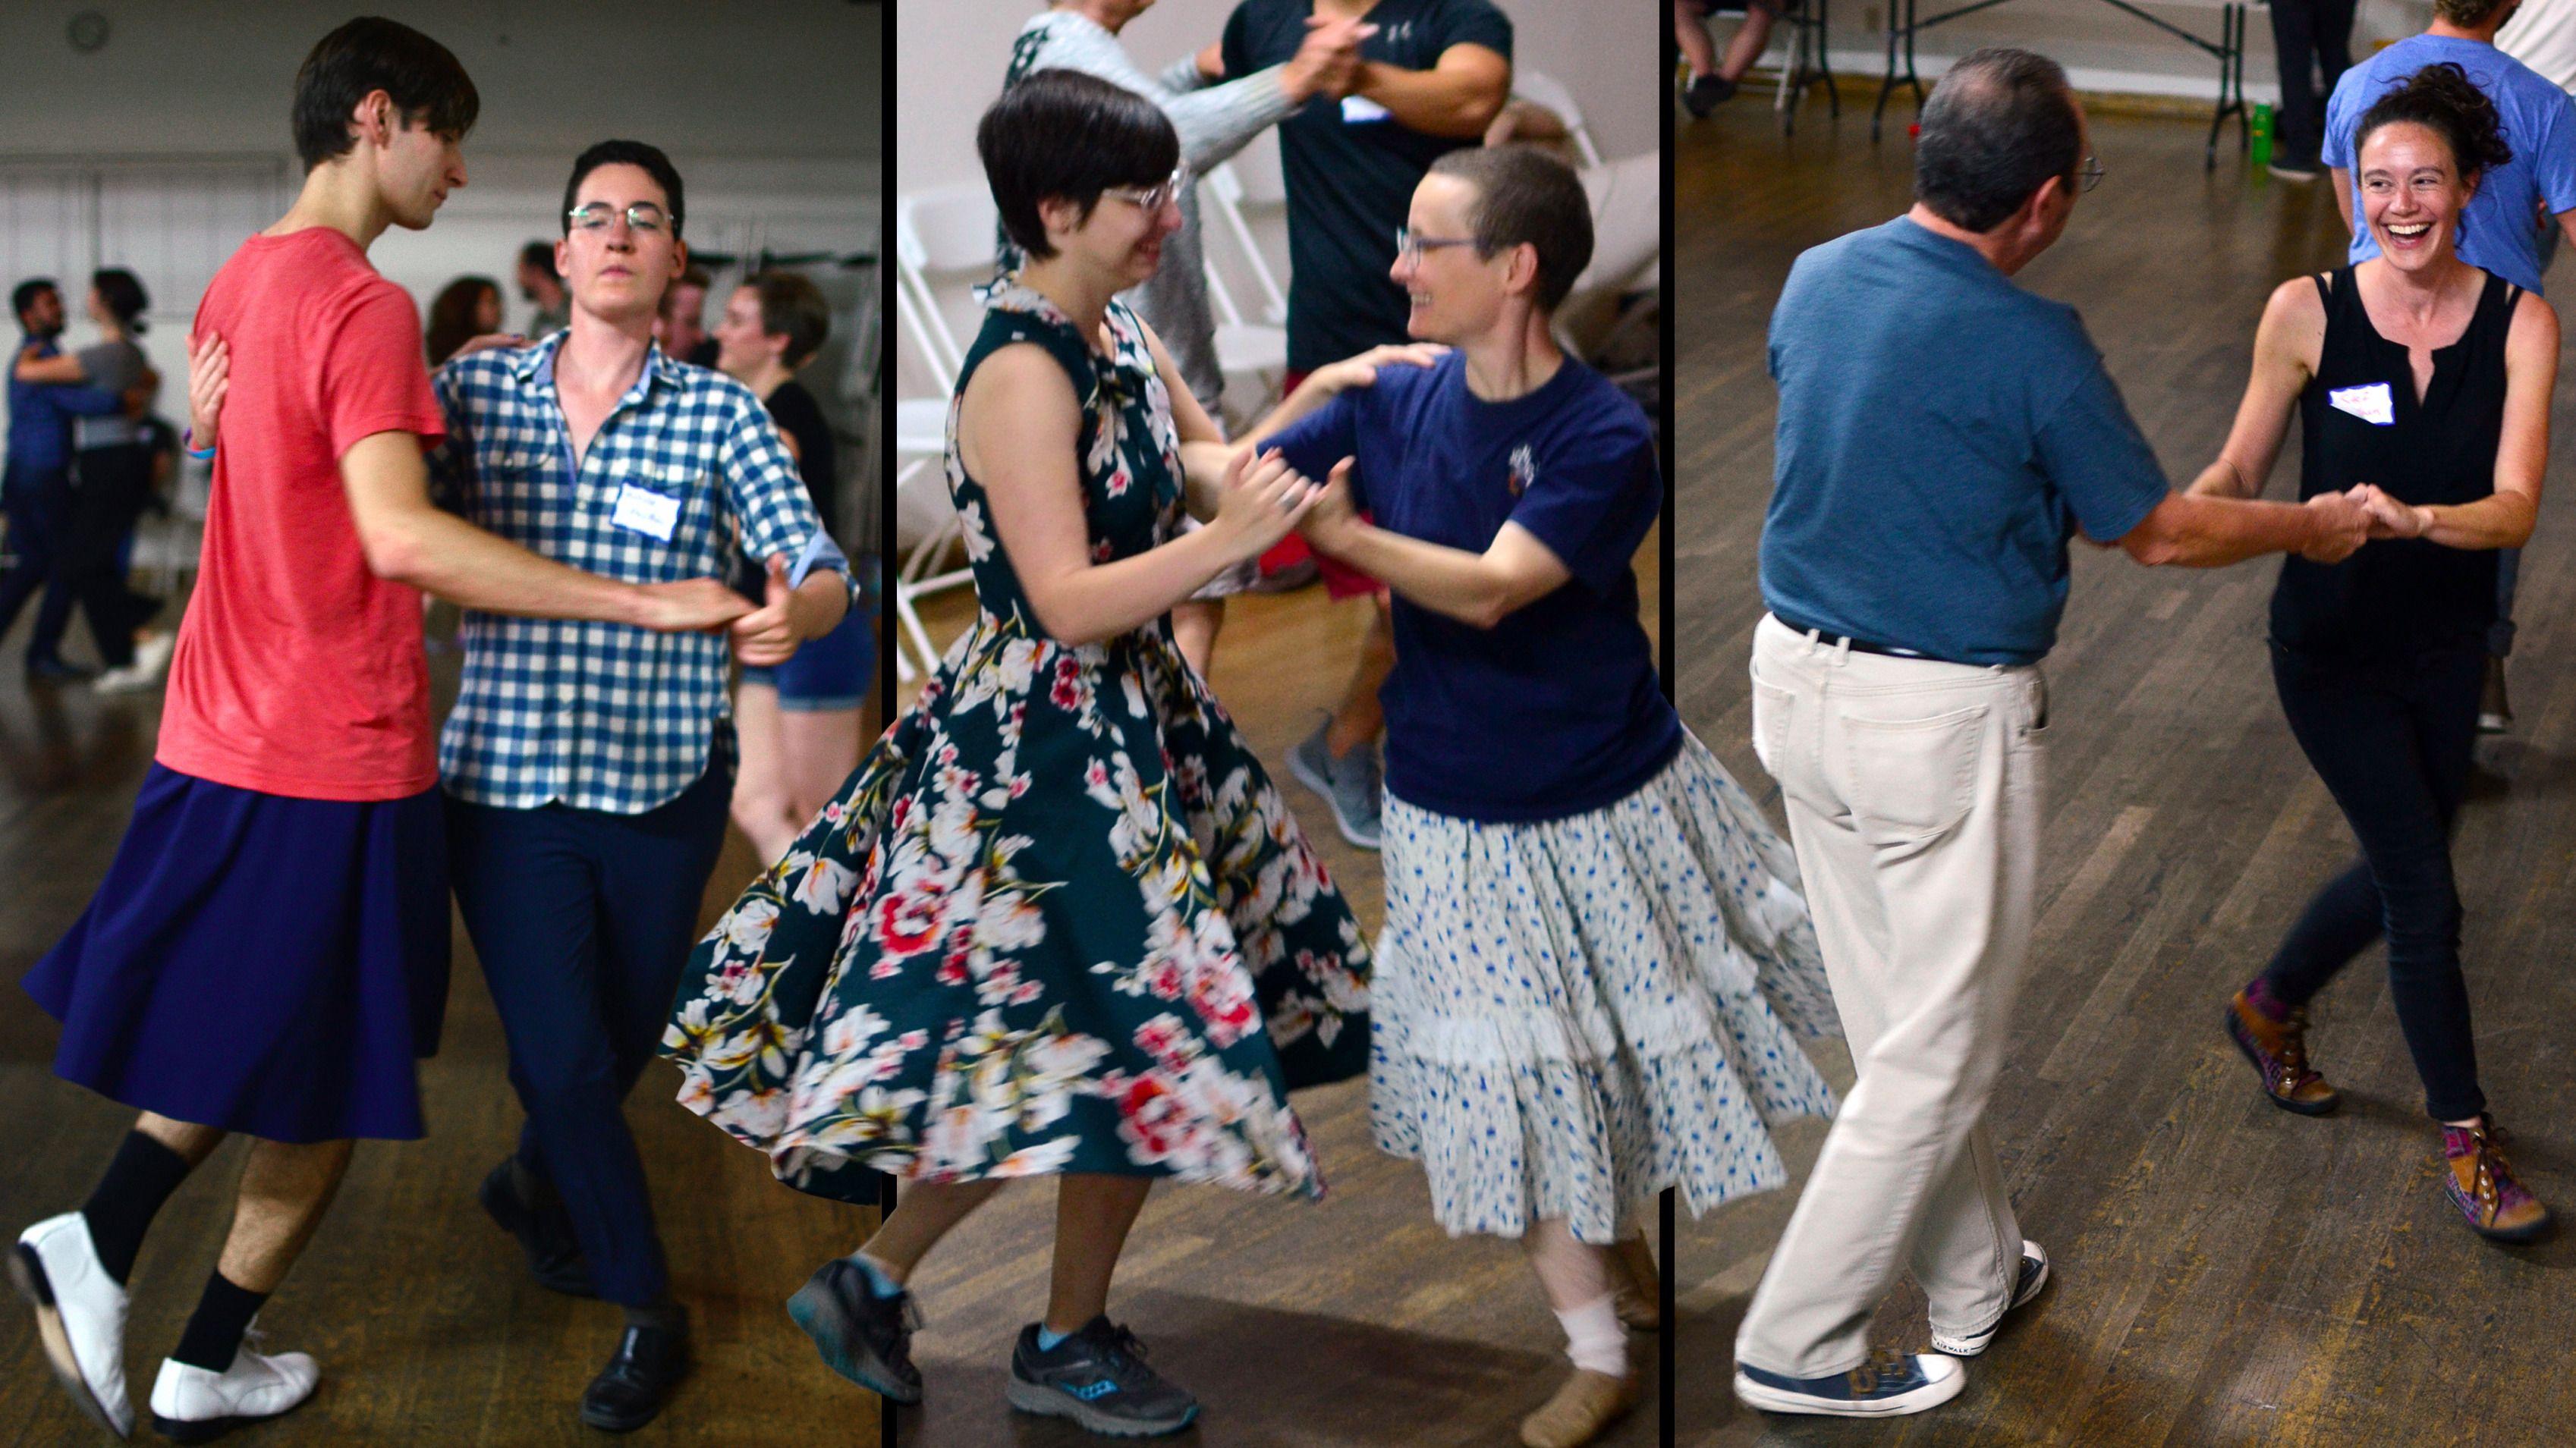 California Twirl: LA's gender-free contra dance